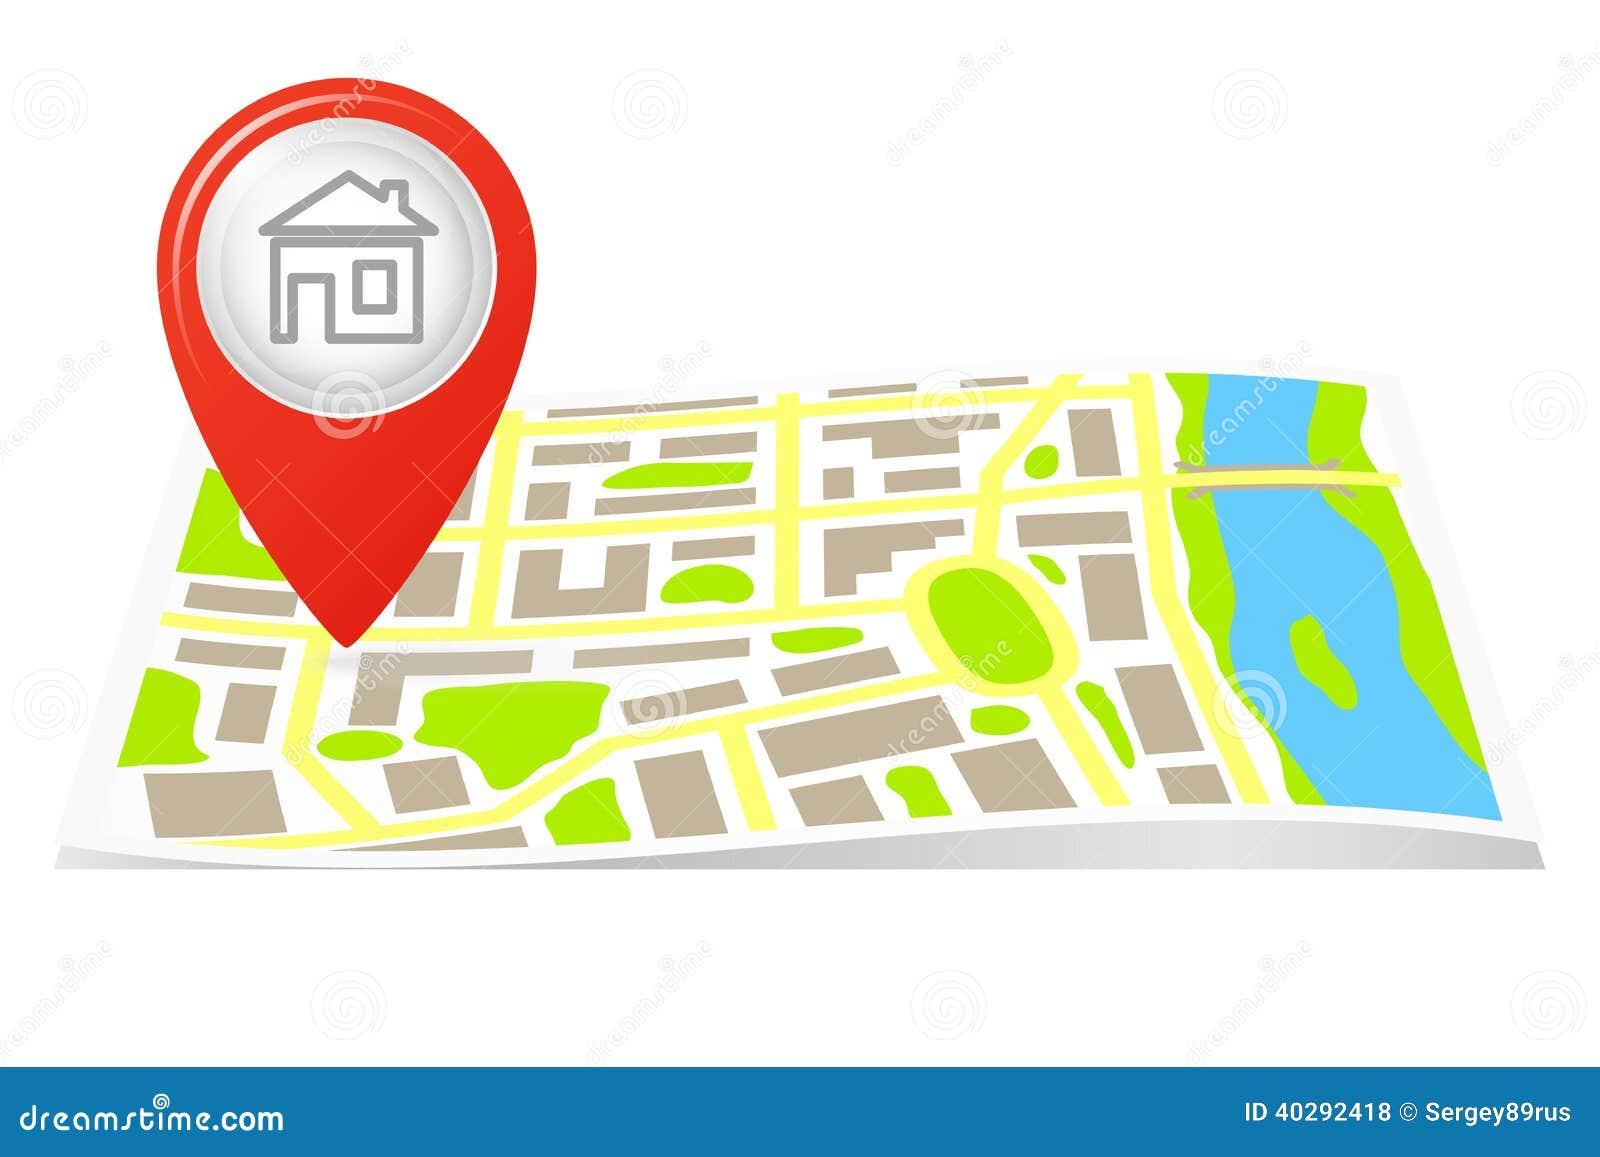 Трасса на карте города.